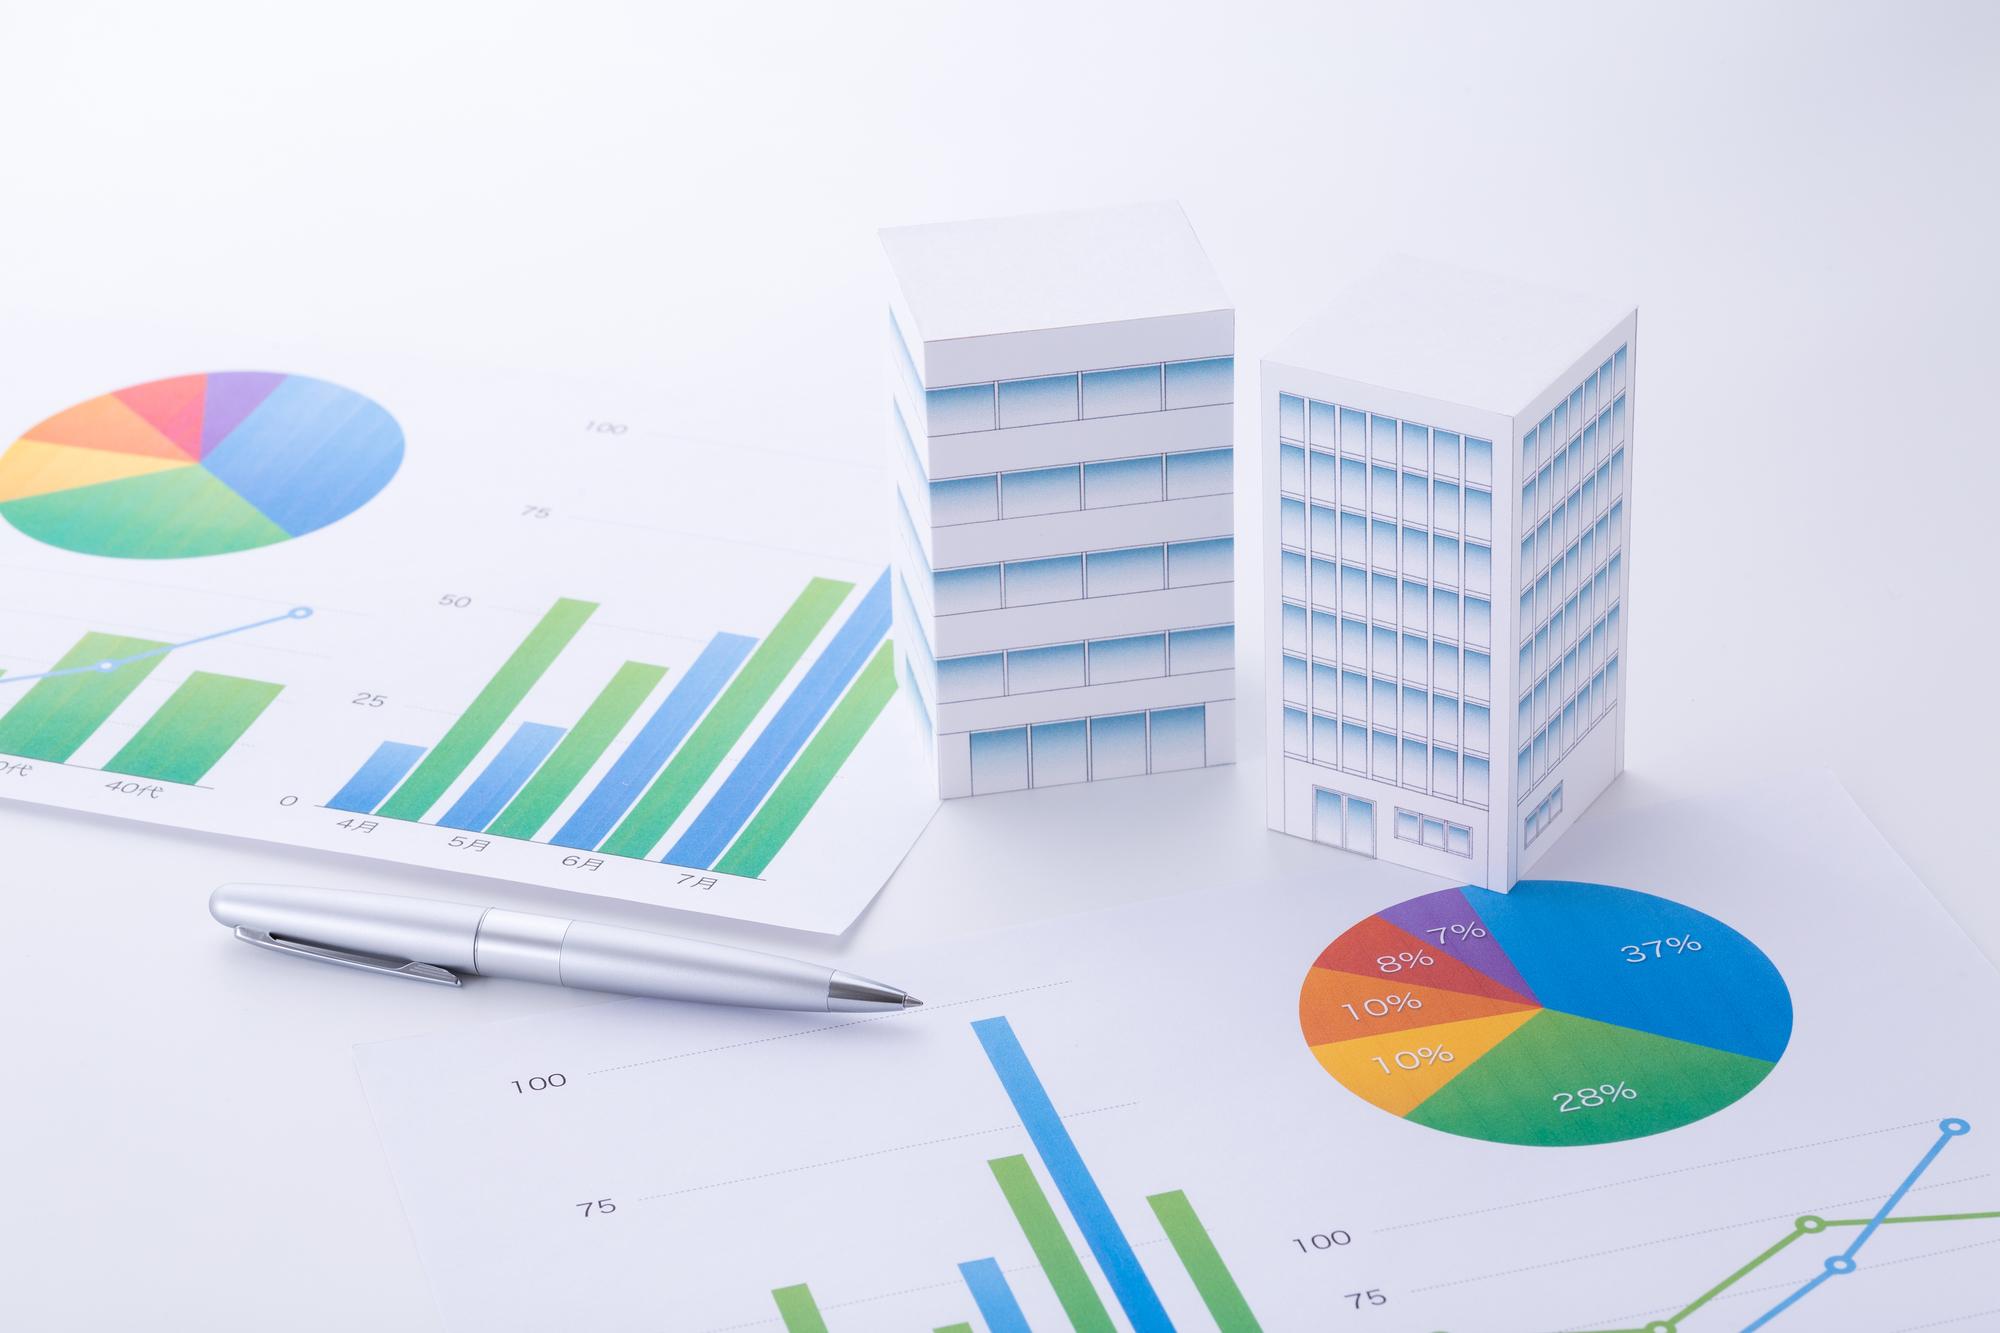 生存力のある企業とは?データから見る中小企業における新規顧客ニーズ探索の重要性